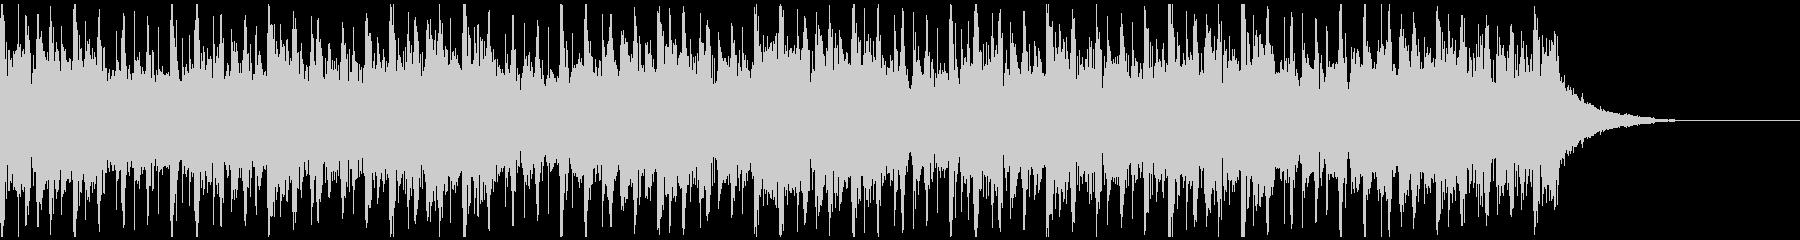 インテリジェント(ショート1)の未再生の波形